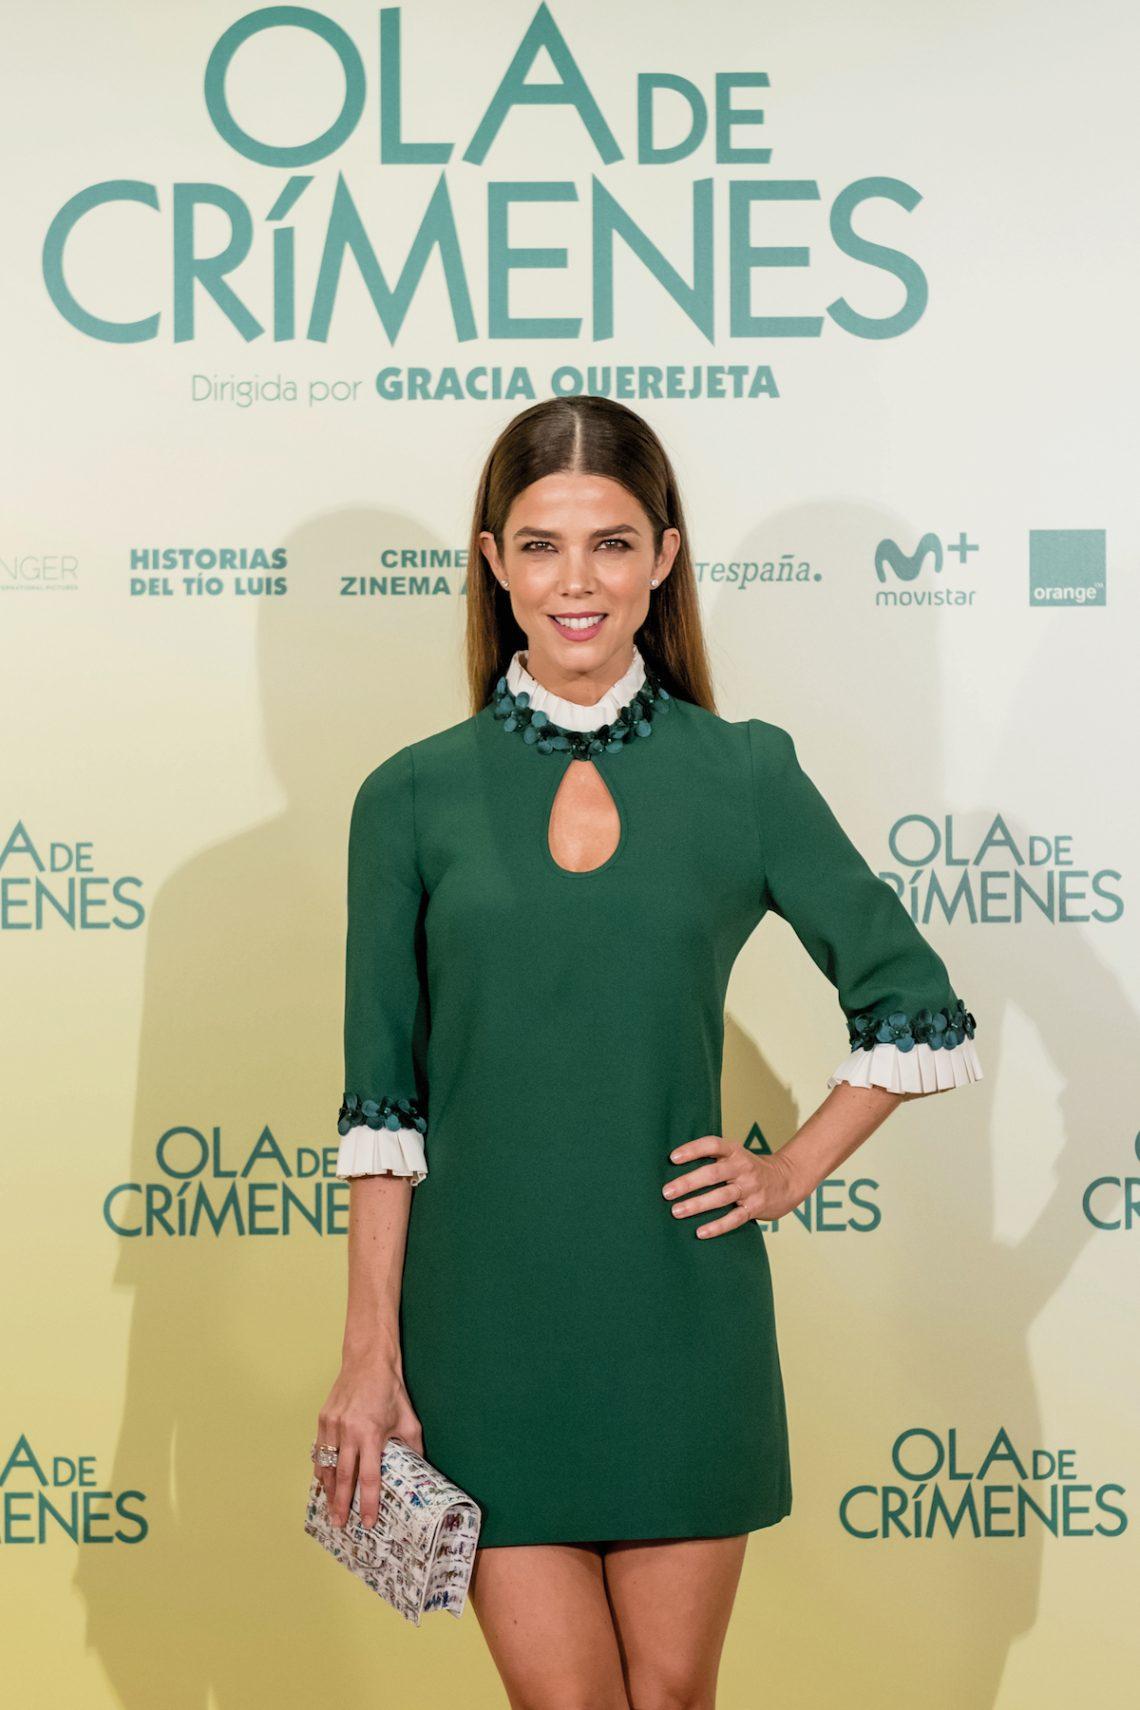 Llega a los cines 'Ola de Crímenes', así ha sido el photocall de la que promete ser la película del otoño